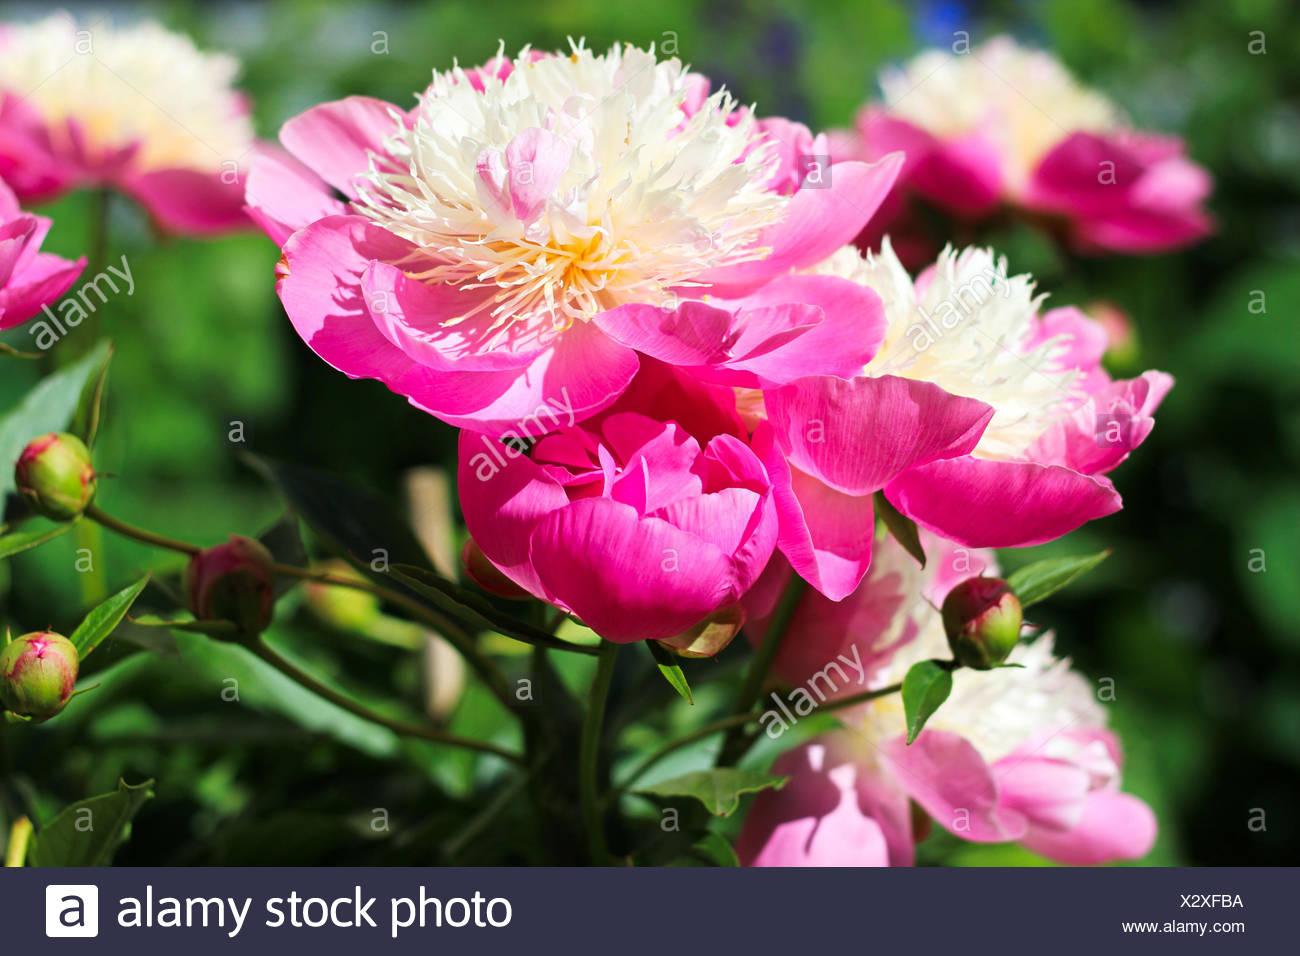 Pfingstrosen Rosa Stock Photo 277178030 Alamy